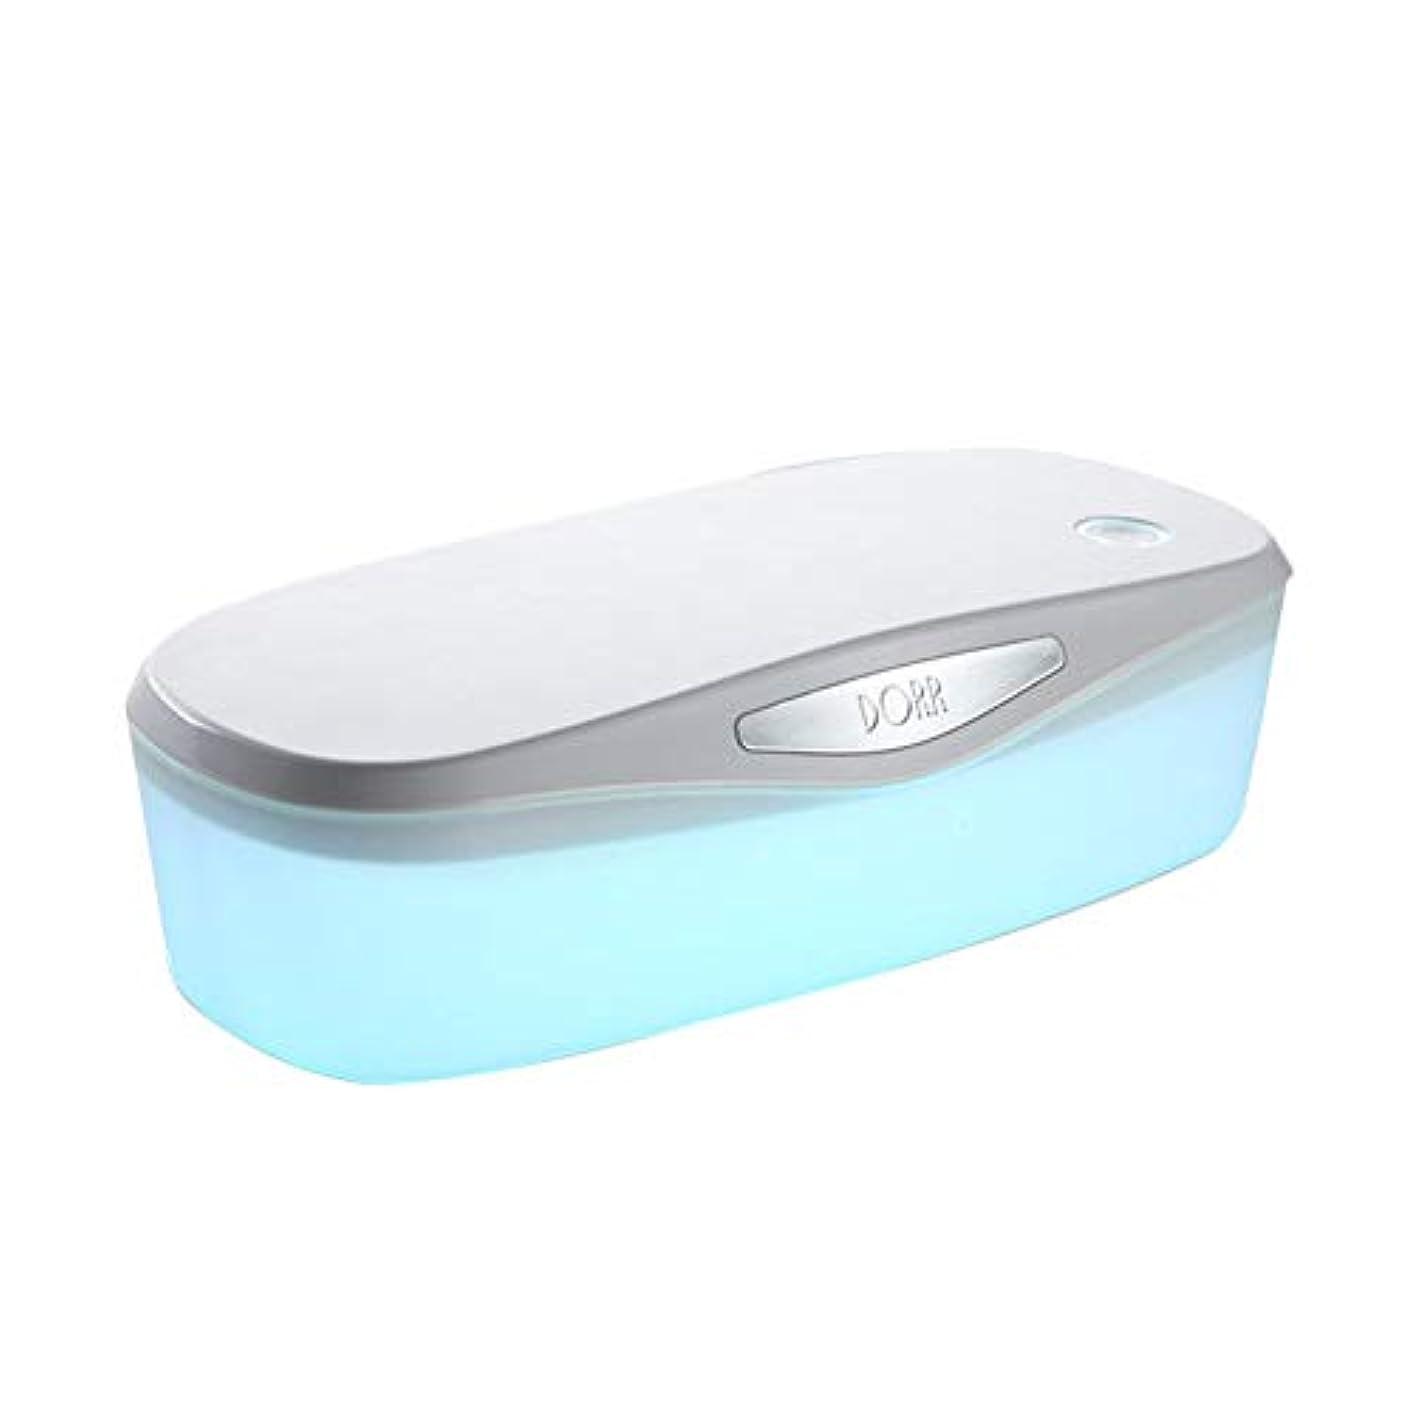 紫外線殺菌箱、携帯用USBの抗菌性のオゾン殺菌の殺菌ランプが付いている紫外線殺菌装置、おしゃぶりのための美用具の滅菌装置成人用製品大広間用具食器類化粧筆歯ブラシ